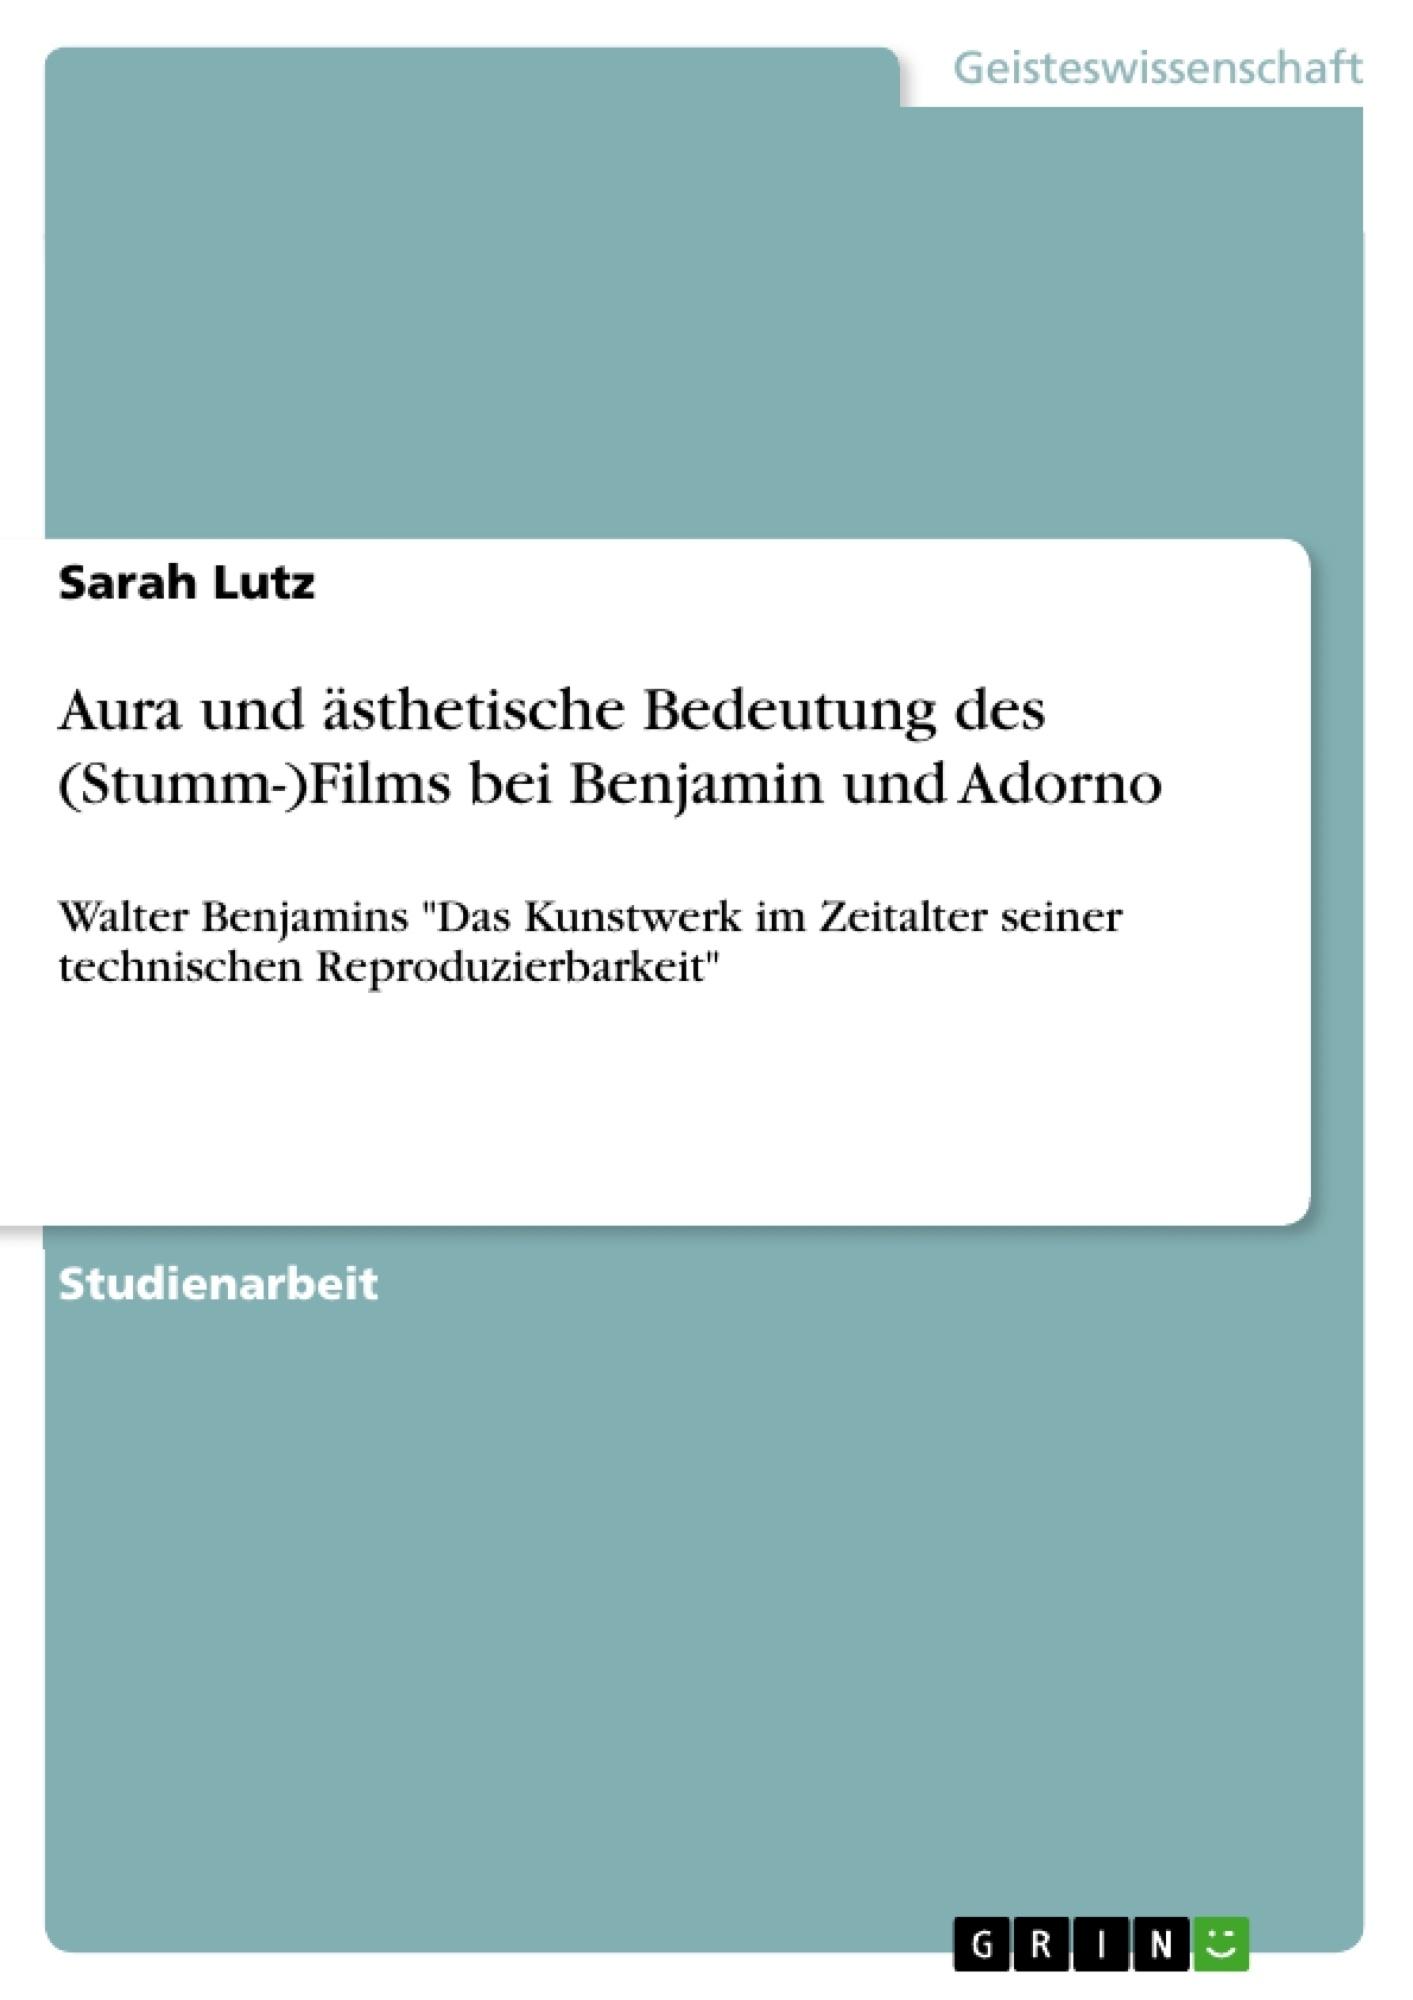 Titel: Aura und ästhetische Bedeutung des (Stumm-)Films bei Benjamin und Adorno